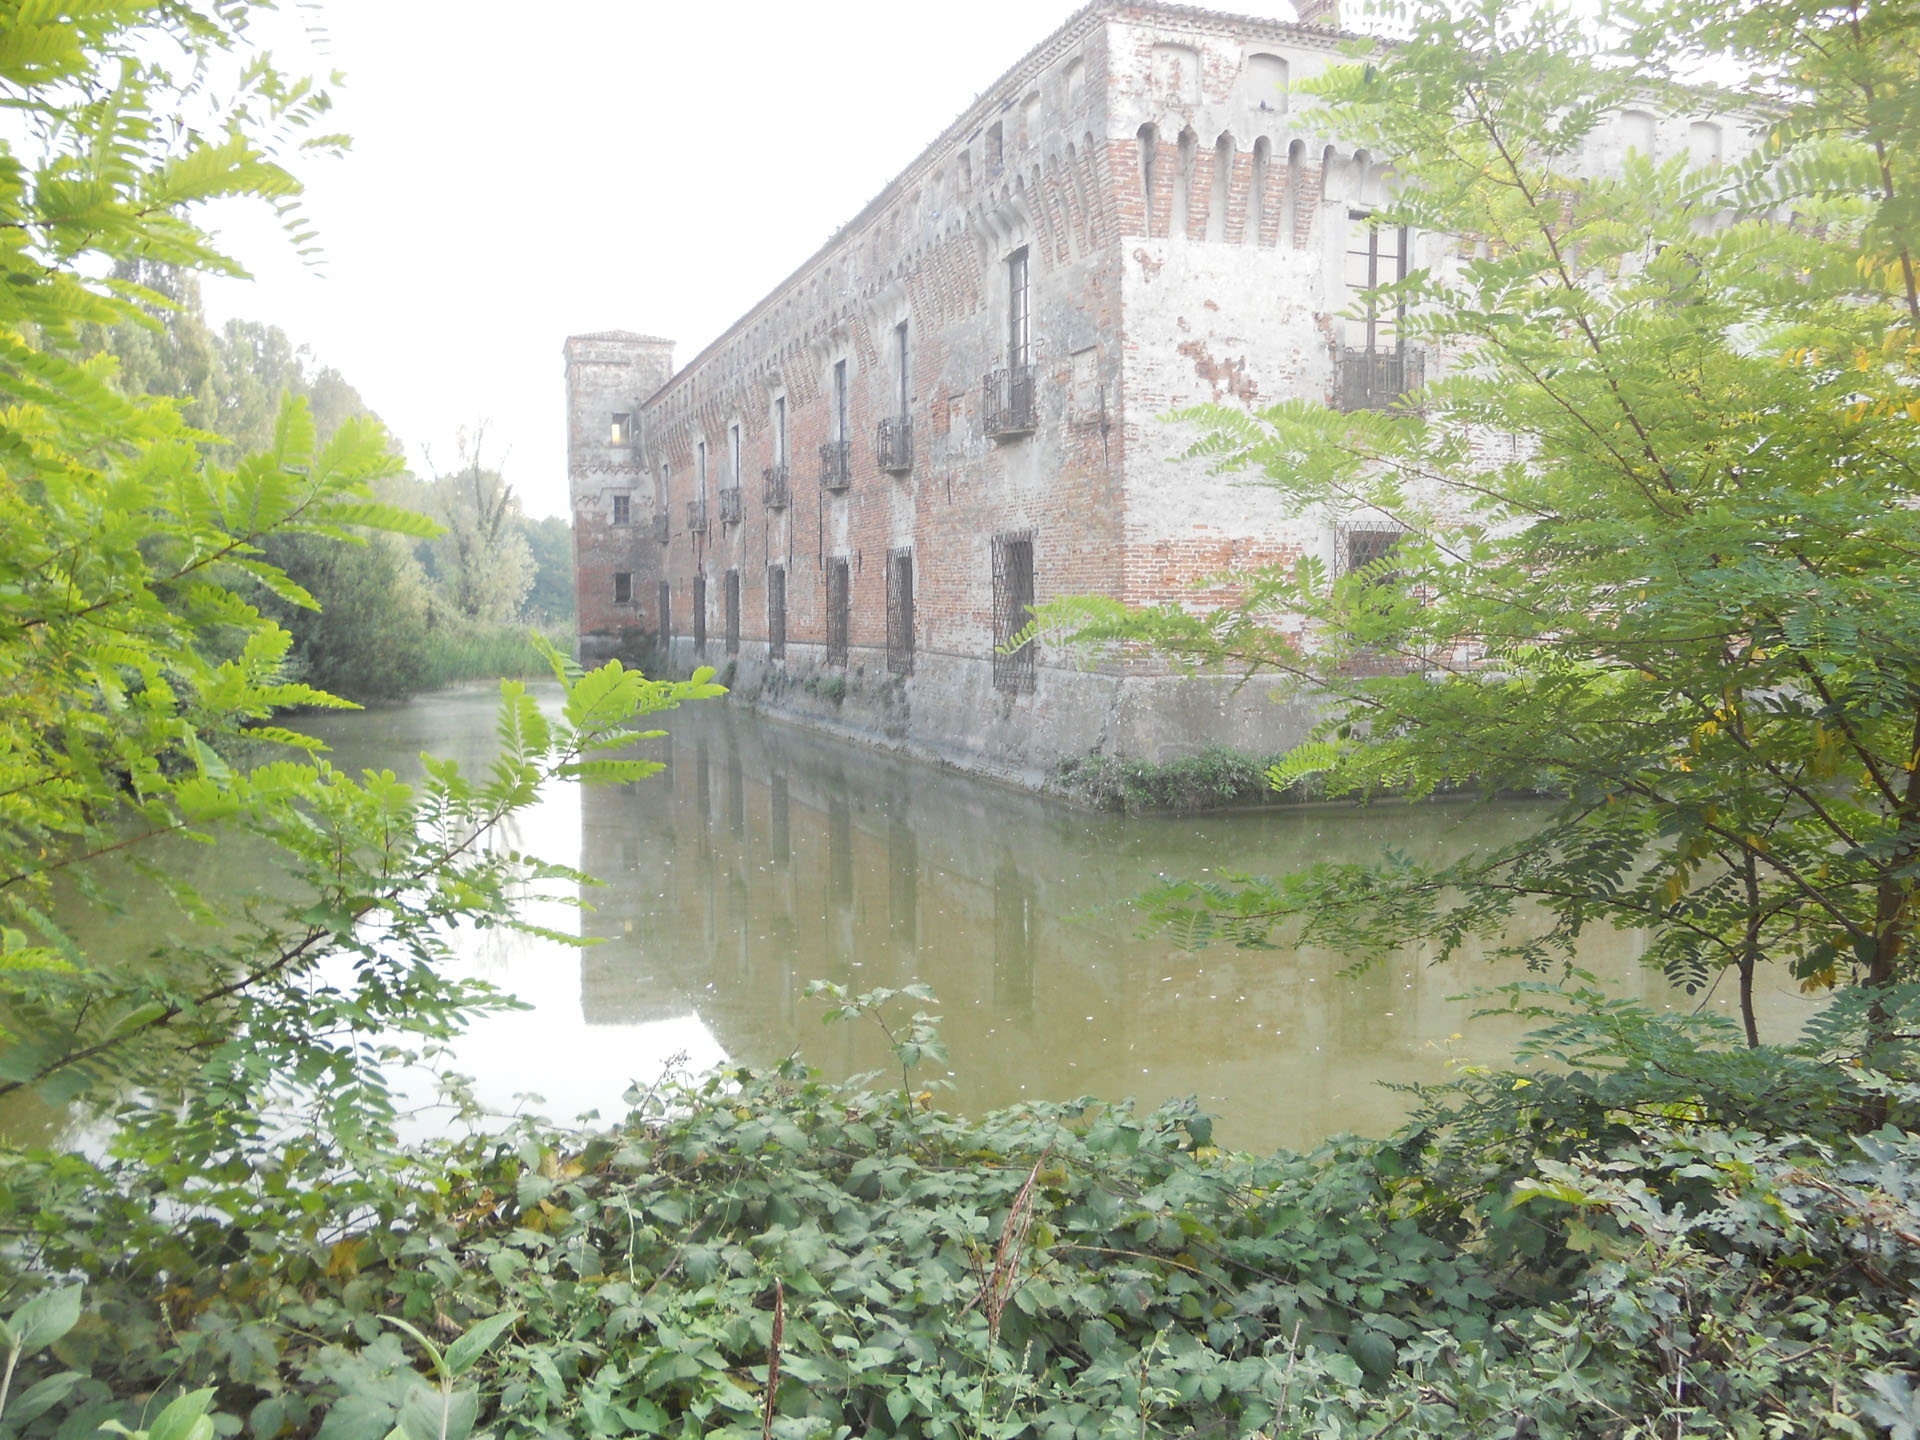 <p>castello di Padernello con fossato</p>